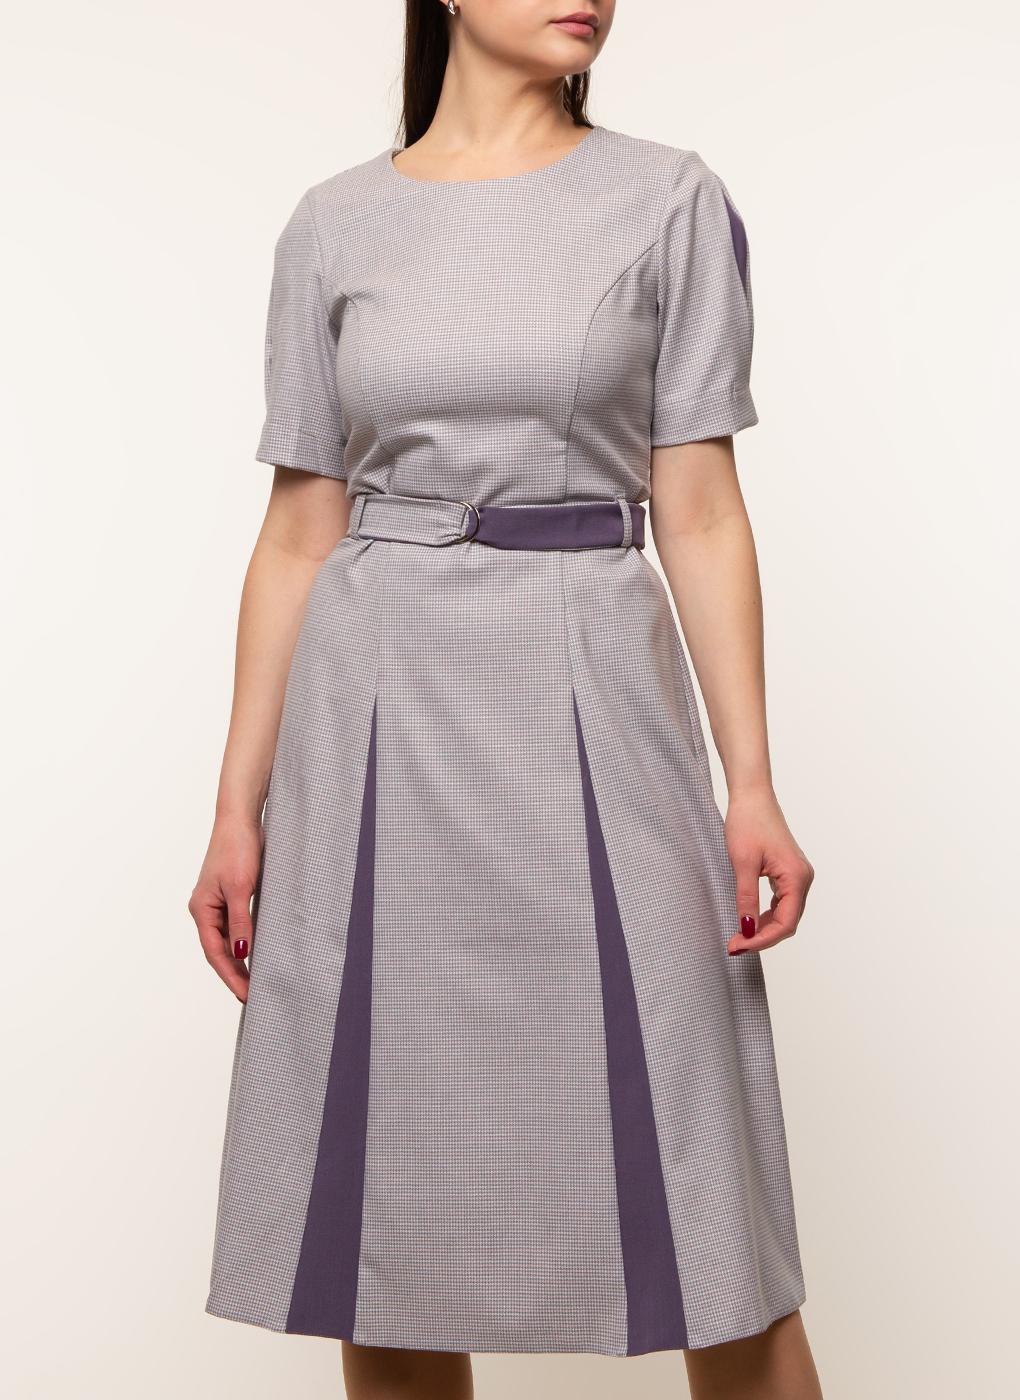 Платье 04, Viserdi фото